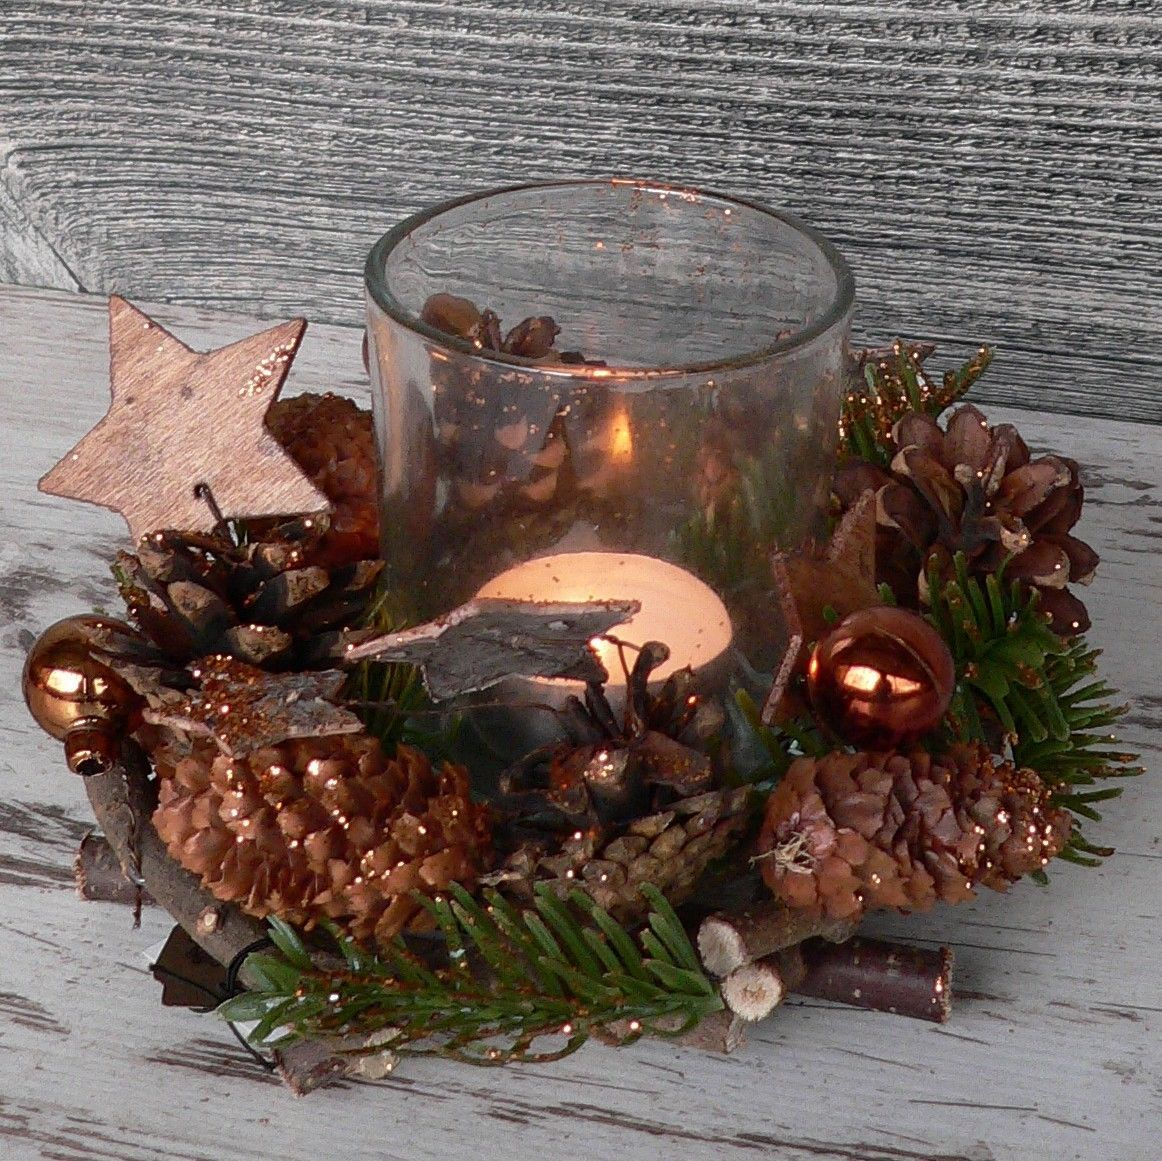 holzkranz deko windlicht advent adventskranz weihnachten holz glas kupfer gr n weihnachten. Black Bedroom Furniture Sets. Home Design Ideas